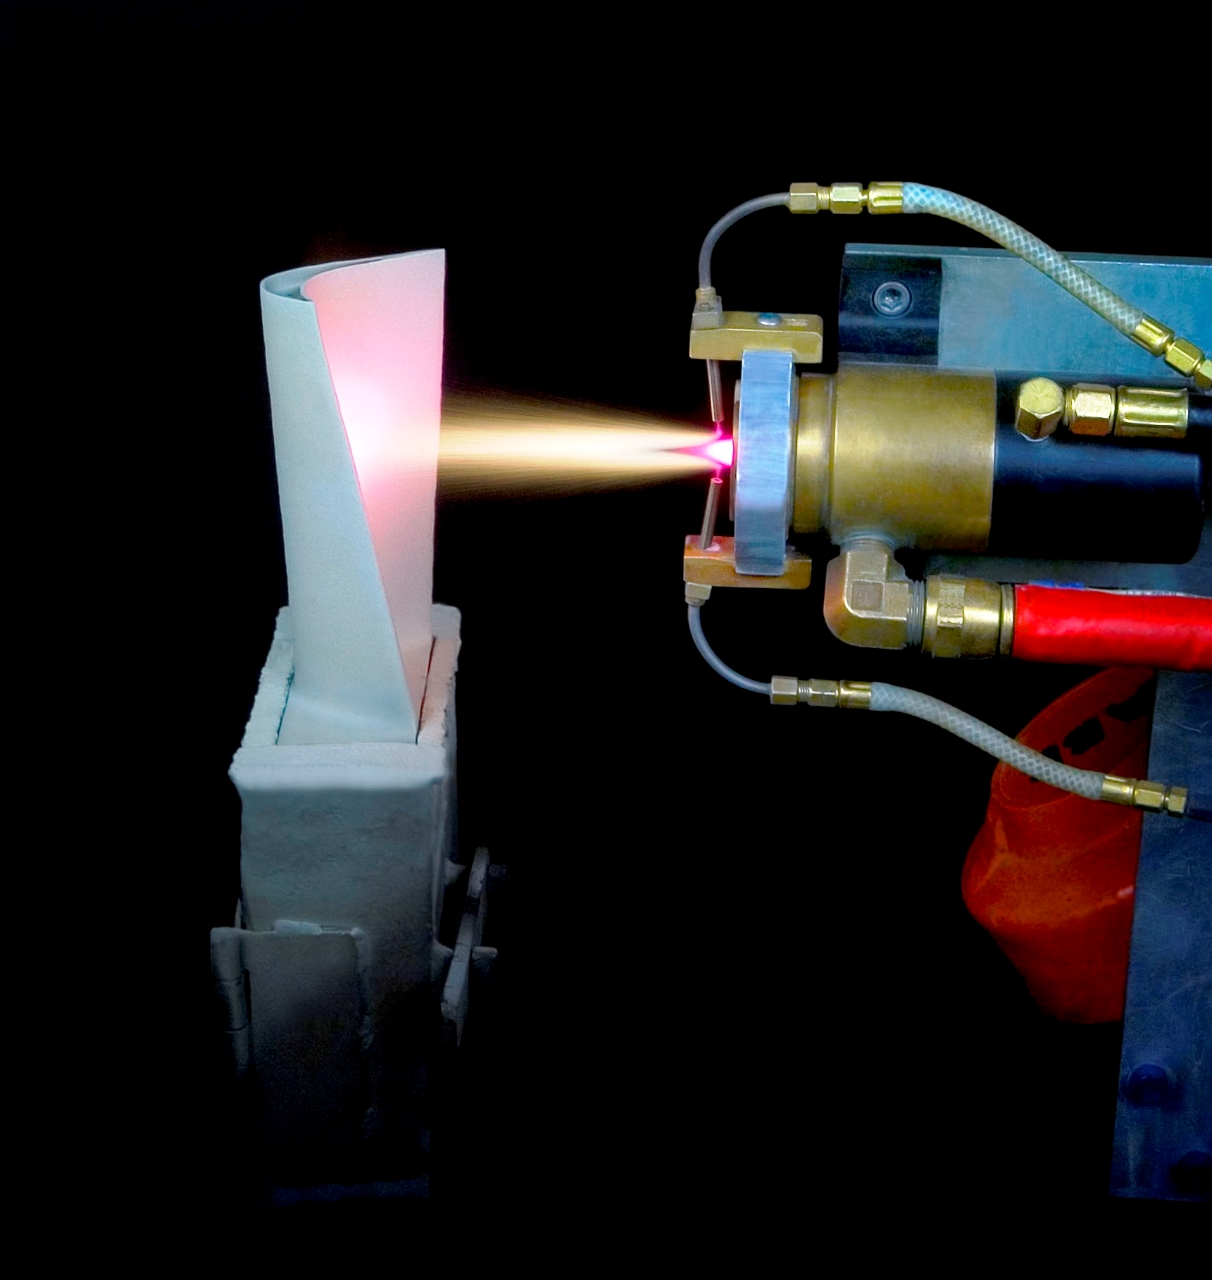 Технология напыления — напыление металла от компании «плазмацентр». технология плазменного напыления в санкт-петербурге.